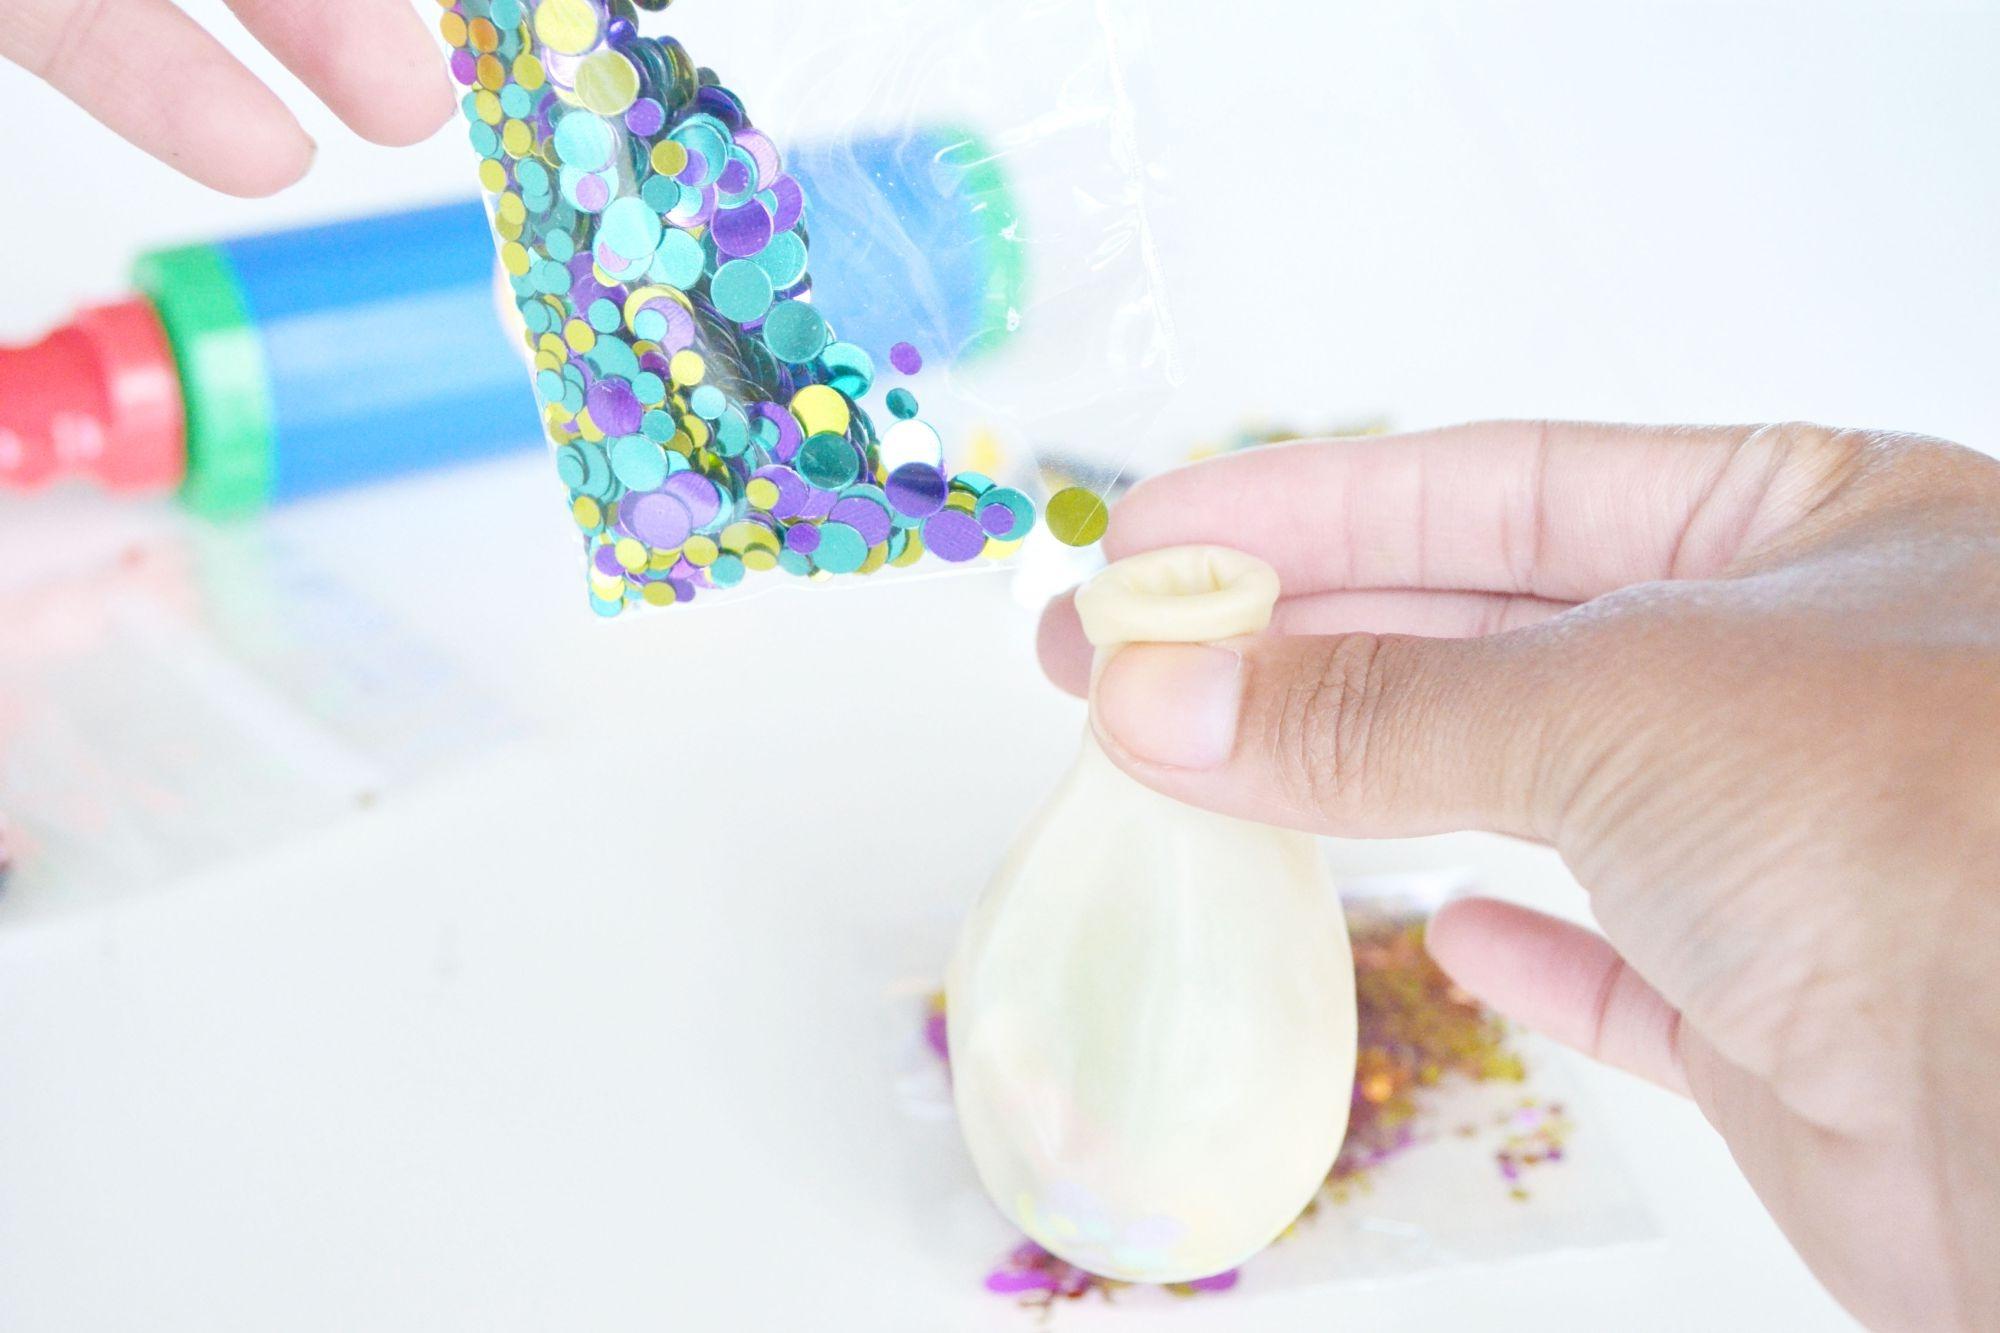 Si vous préférez, vous pouvez ajouter des paillettes au lieu de confettis.